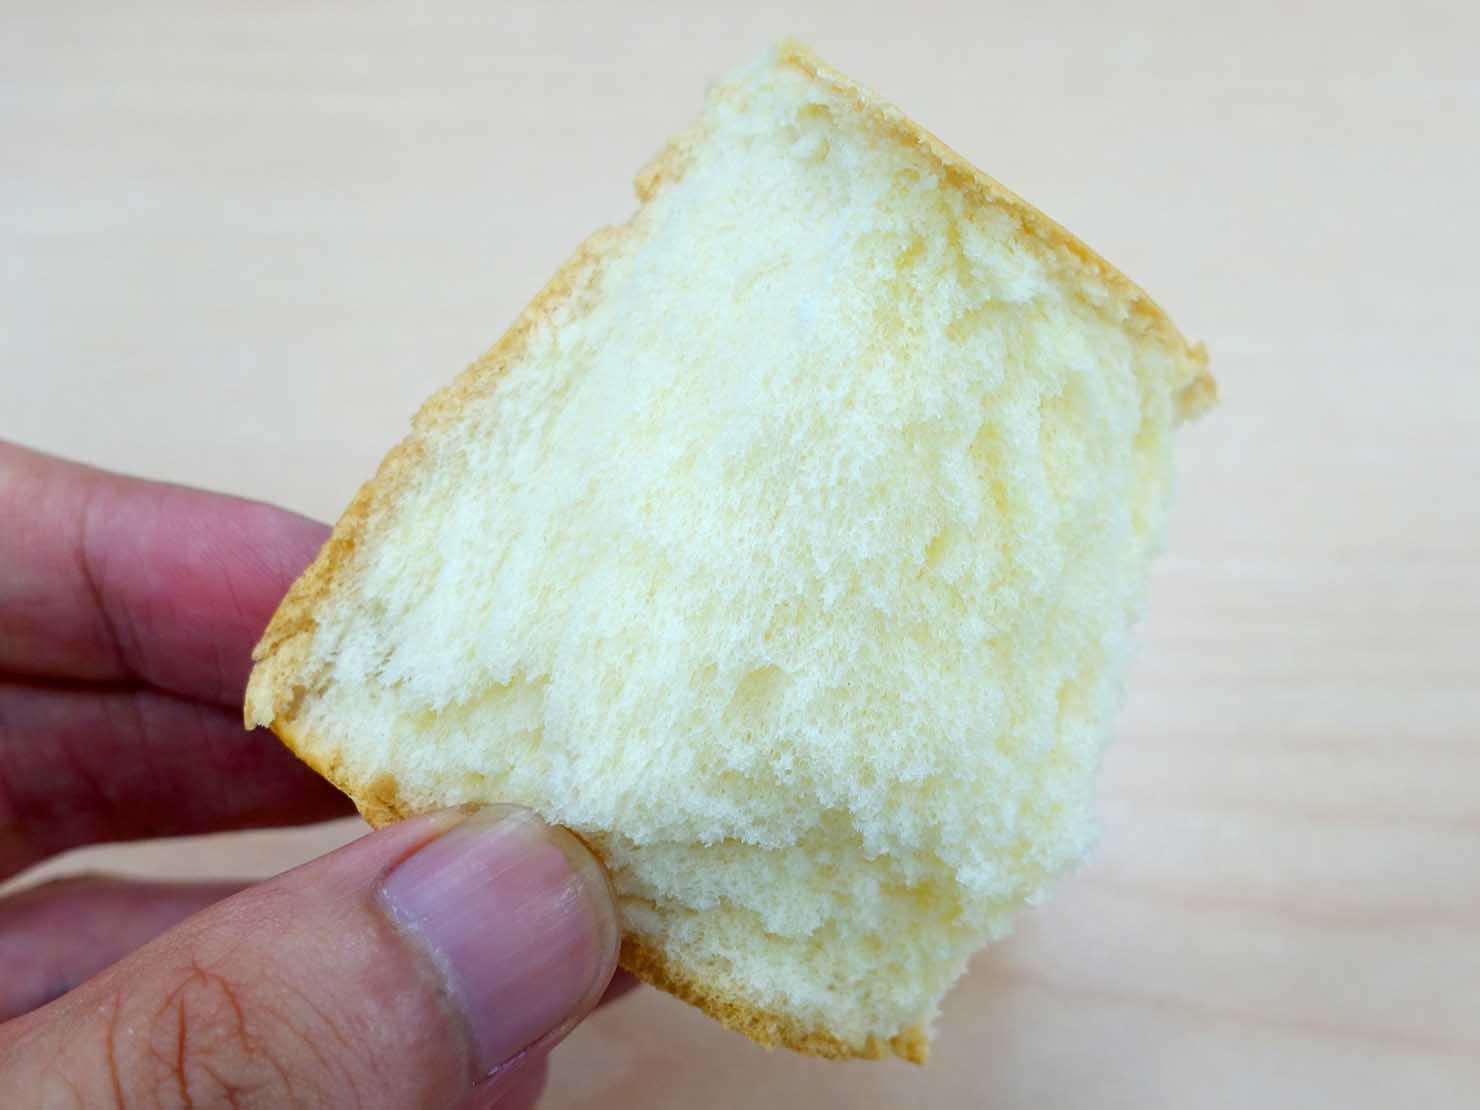 台湾のコンビニでよく食べているおやつ「金立方」クローズアップ